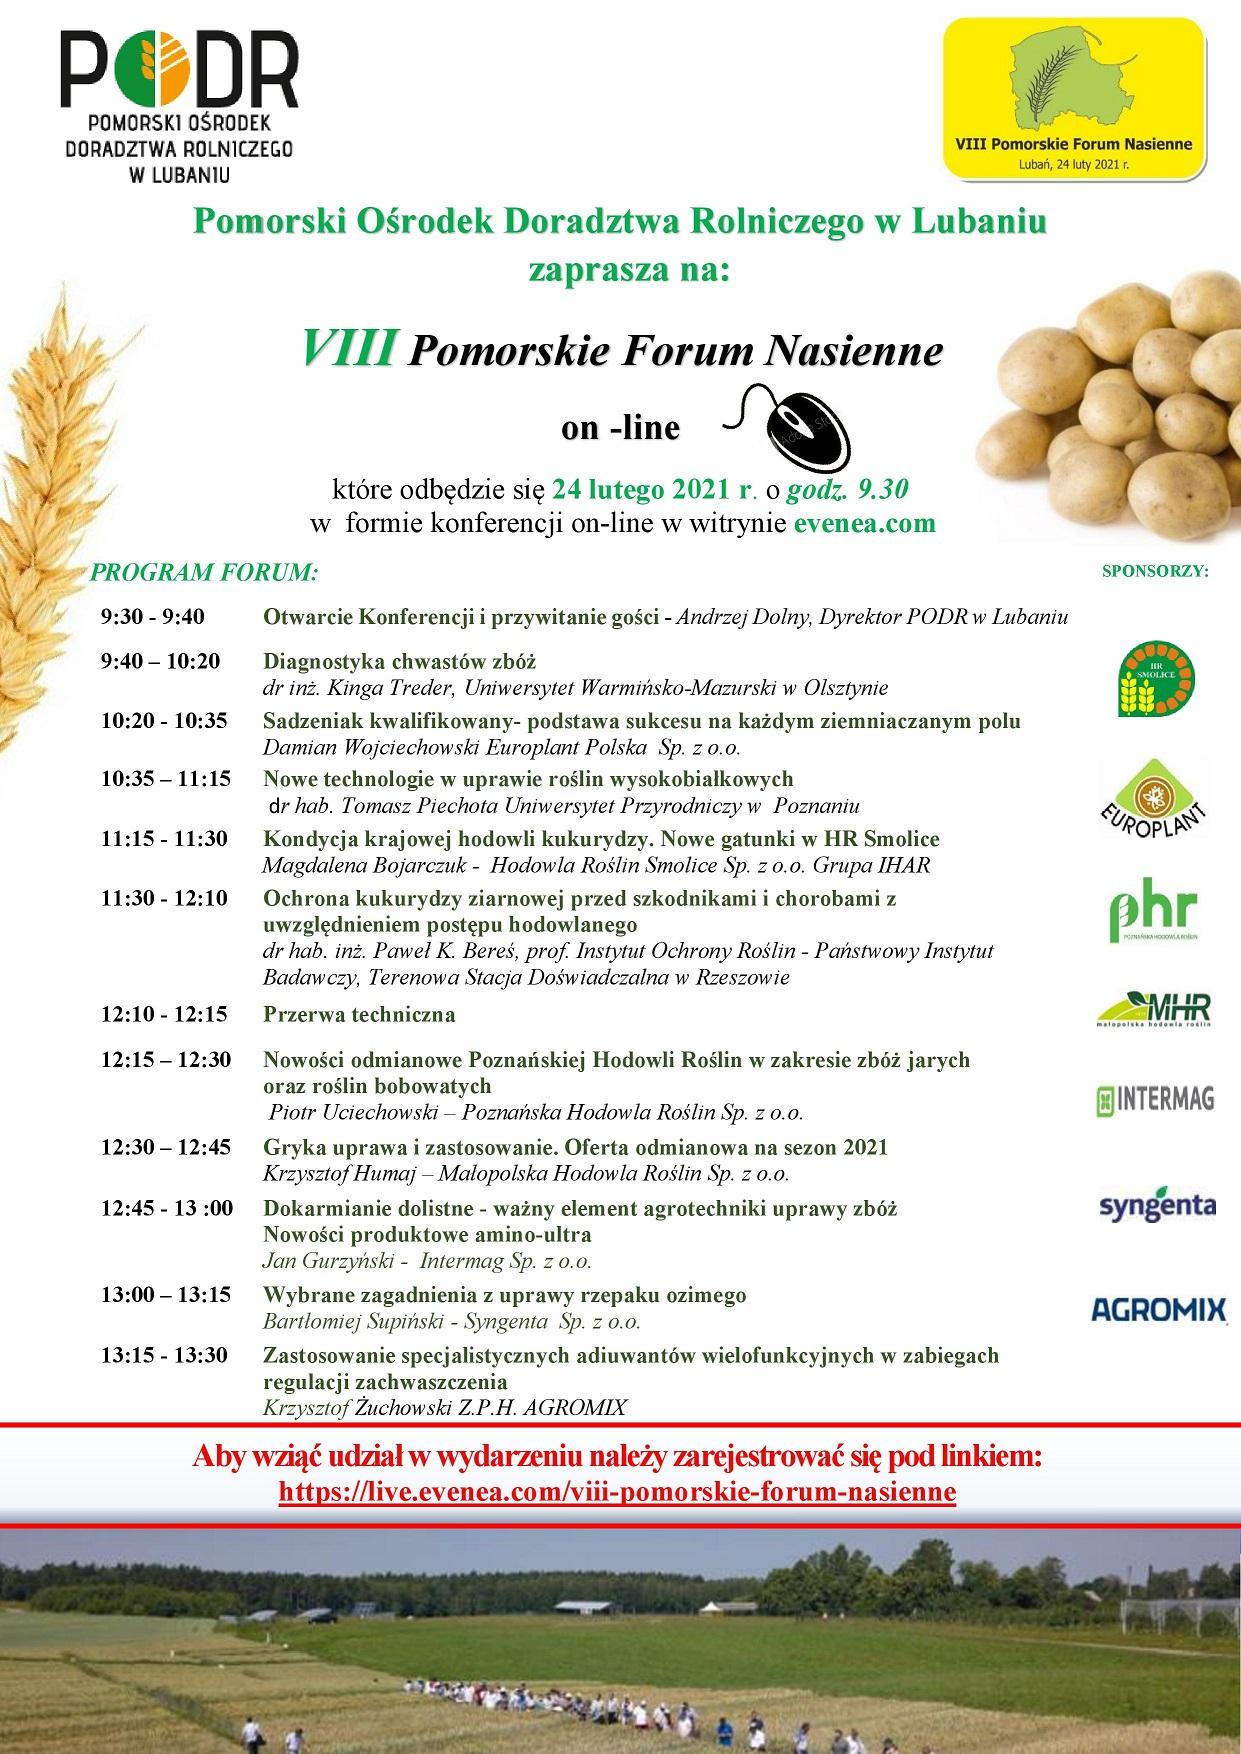 VIII Pomorskie Forum Nasienne - plakat